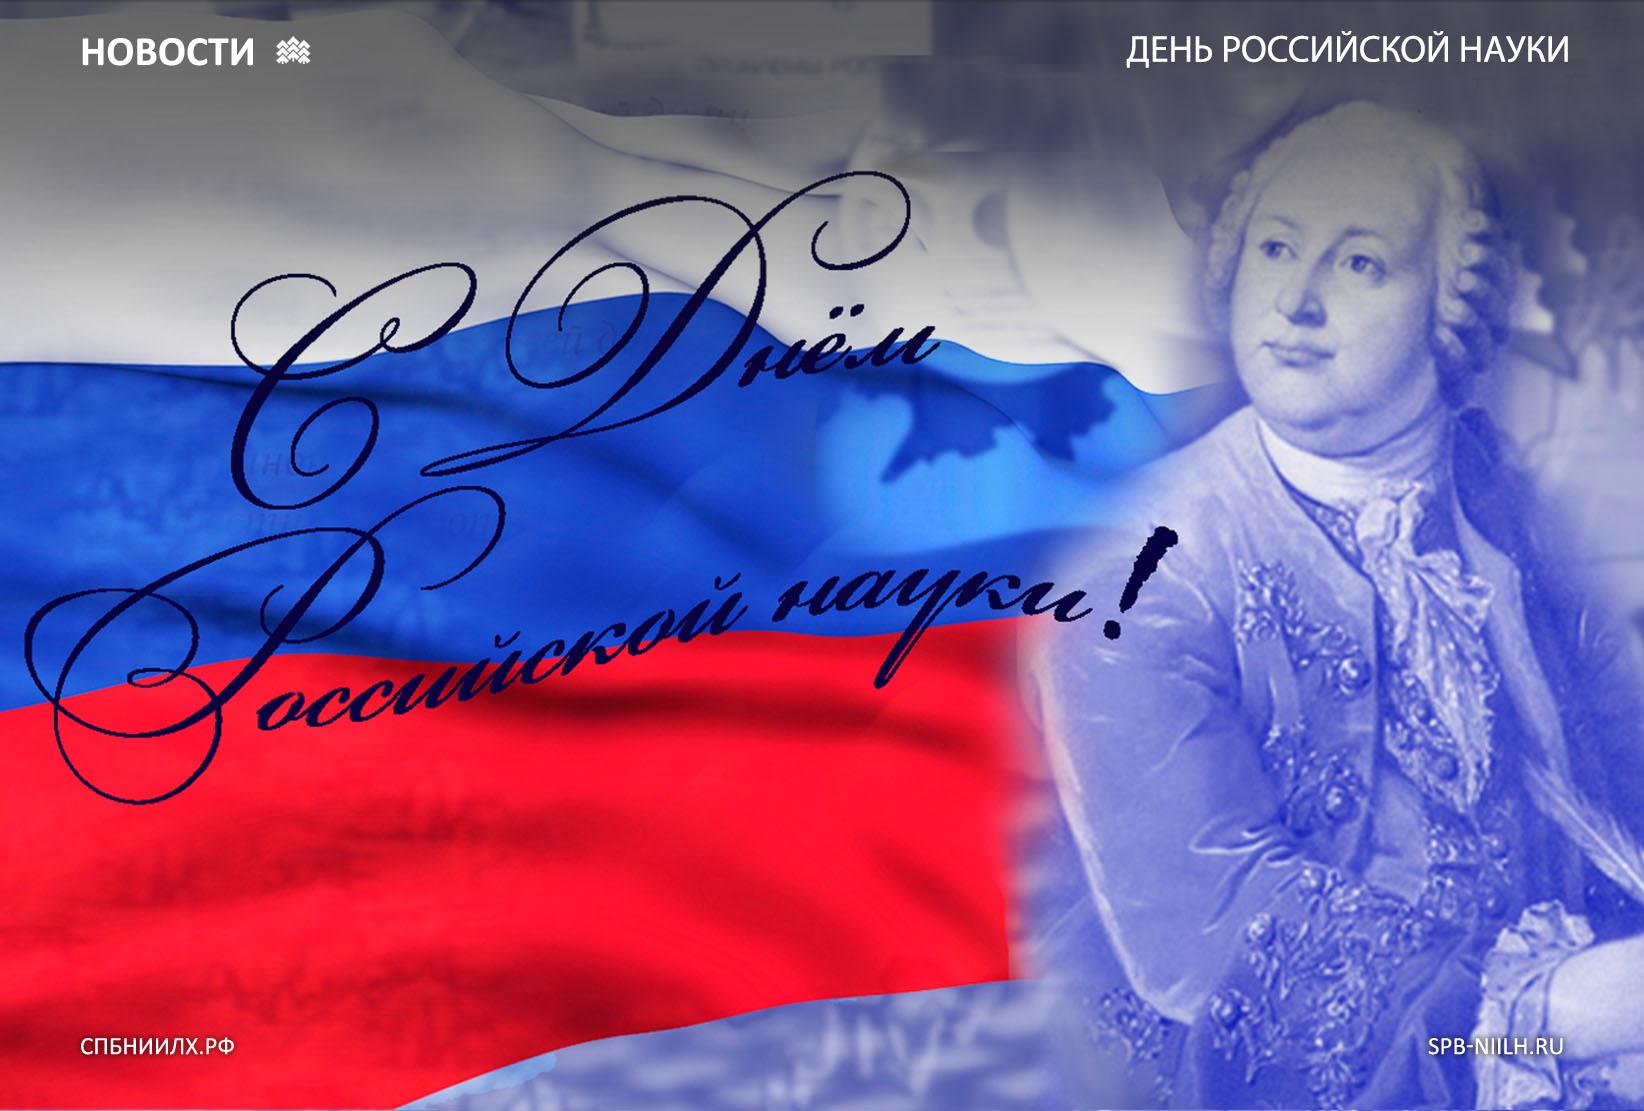 Картинки аву, день российской науки в картинках